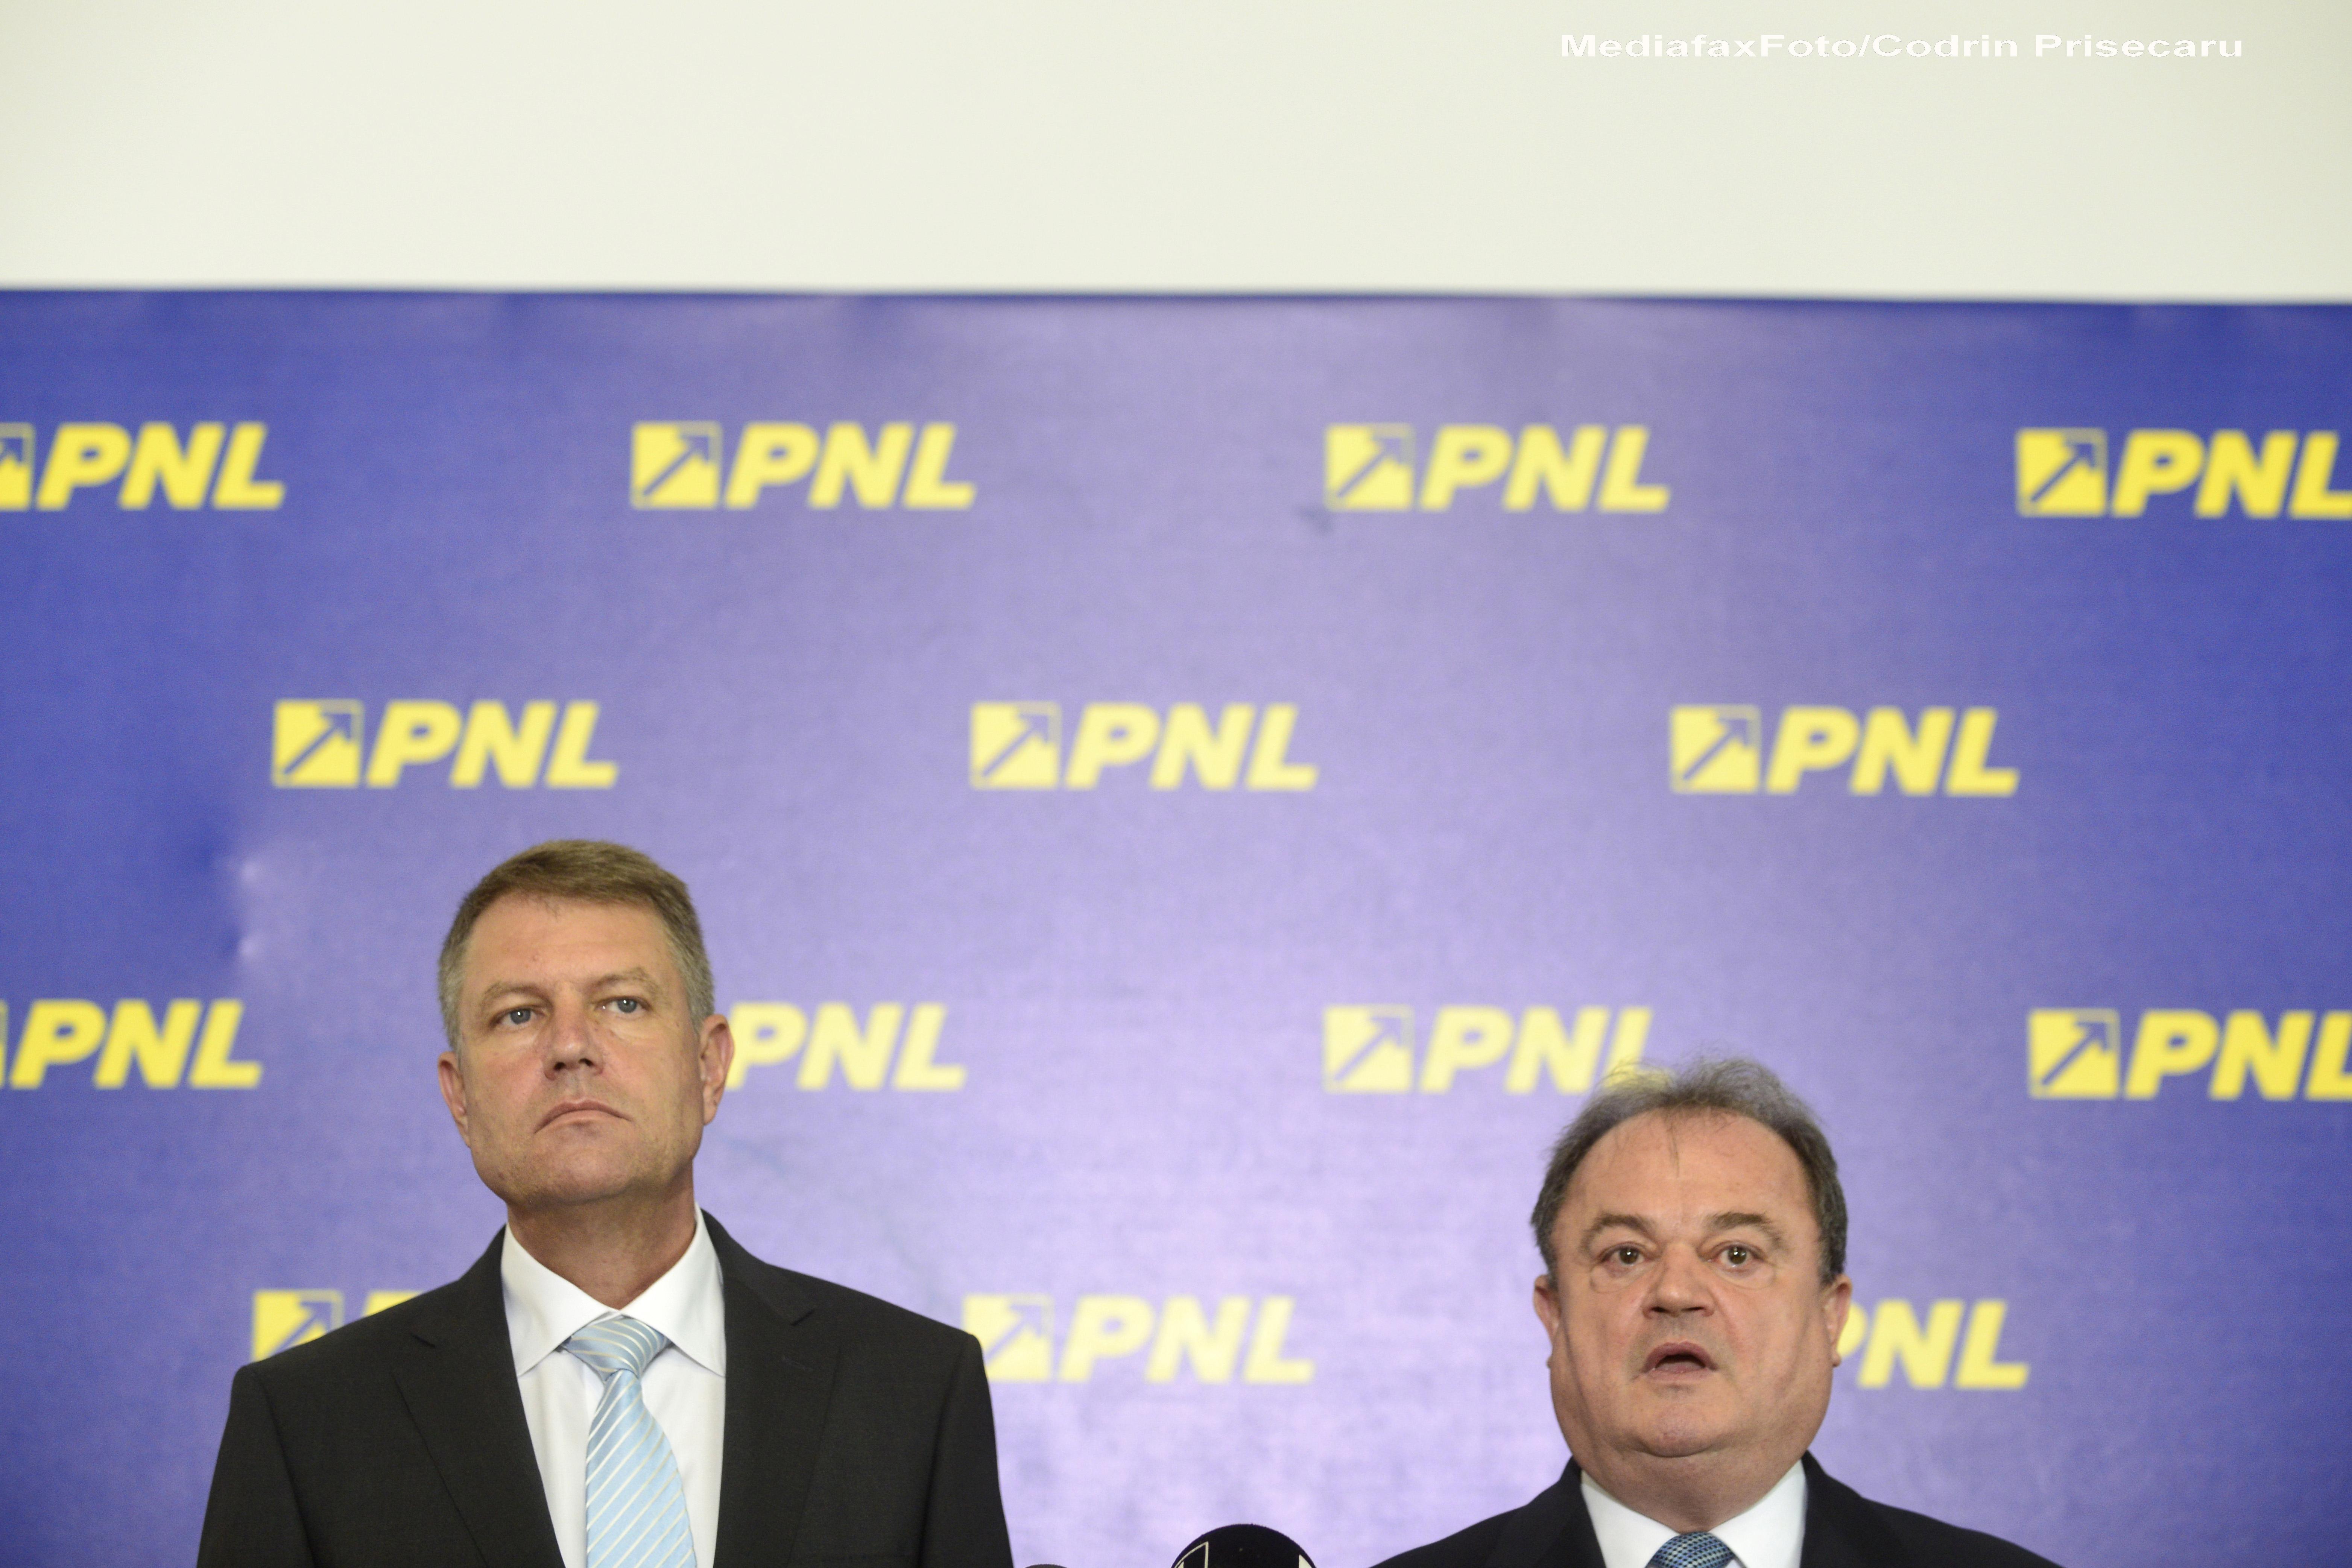 Blaga a anuntat numele noului partid care va rezulta din fuziunea PNL-PDL. Cand va fi anuntat candidatul la prezidentiale